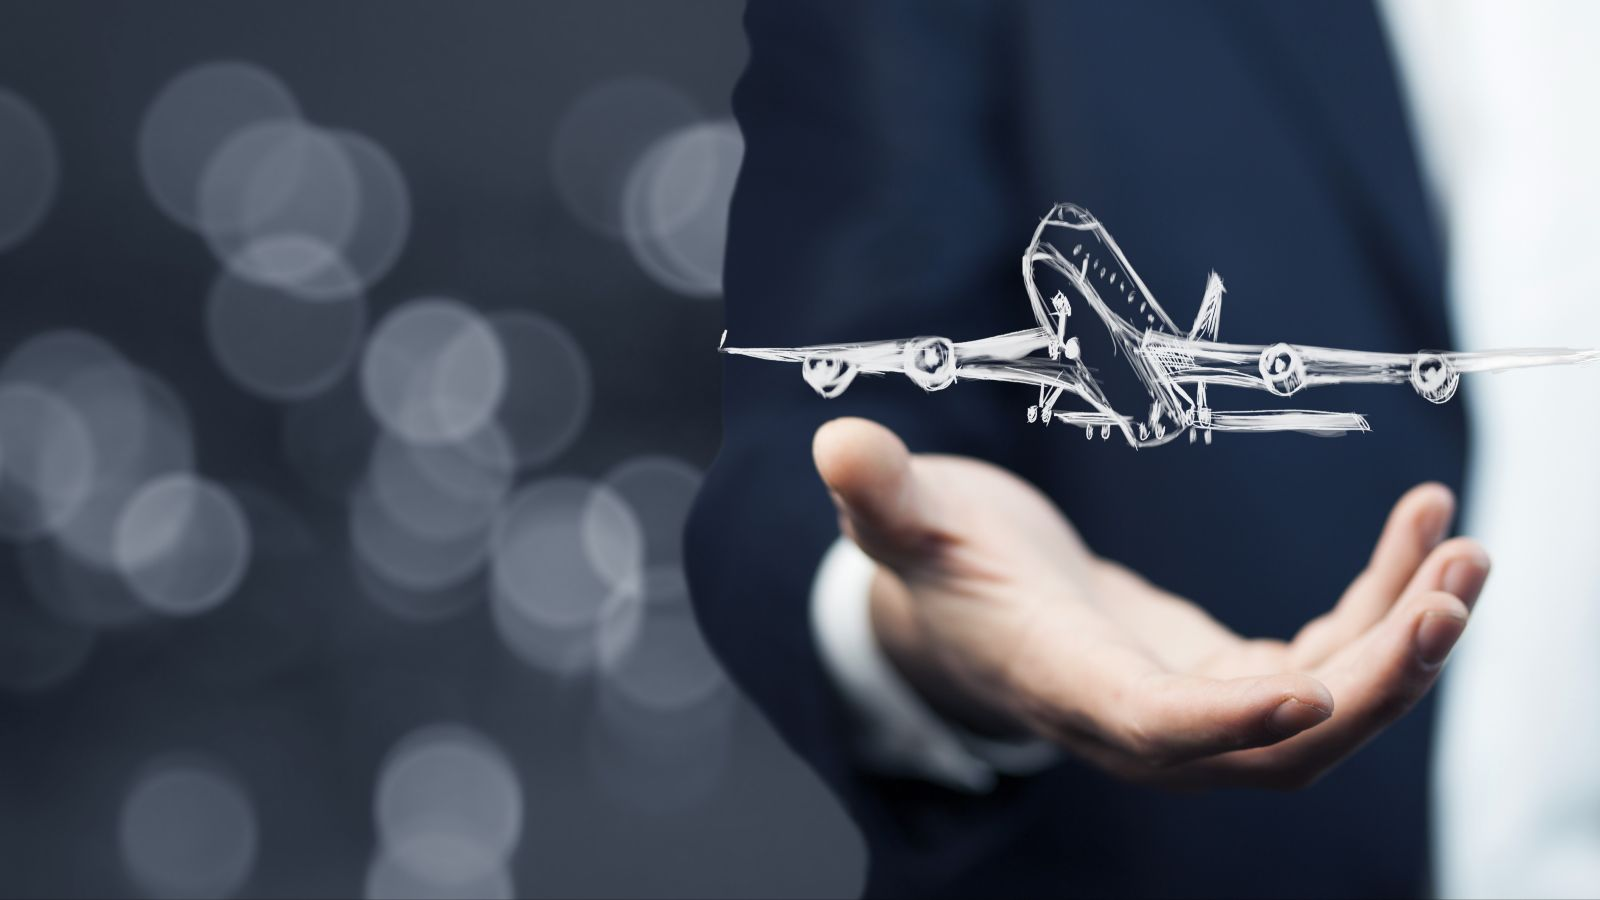 Gezeichnetes Symbol eines Flugzeugs schwebt über der Hand eines Geschäftsmannes